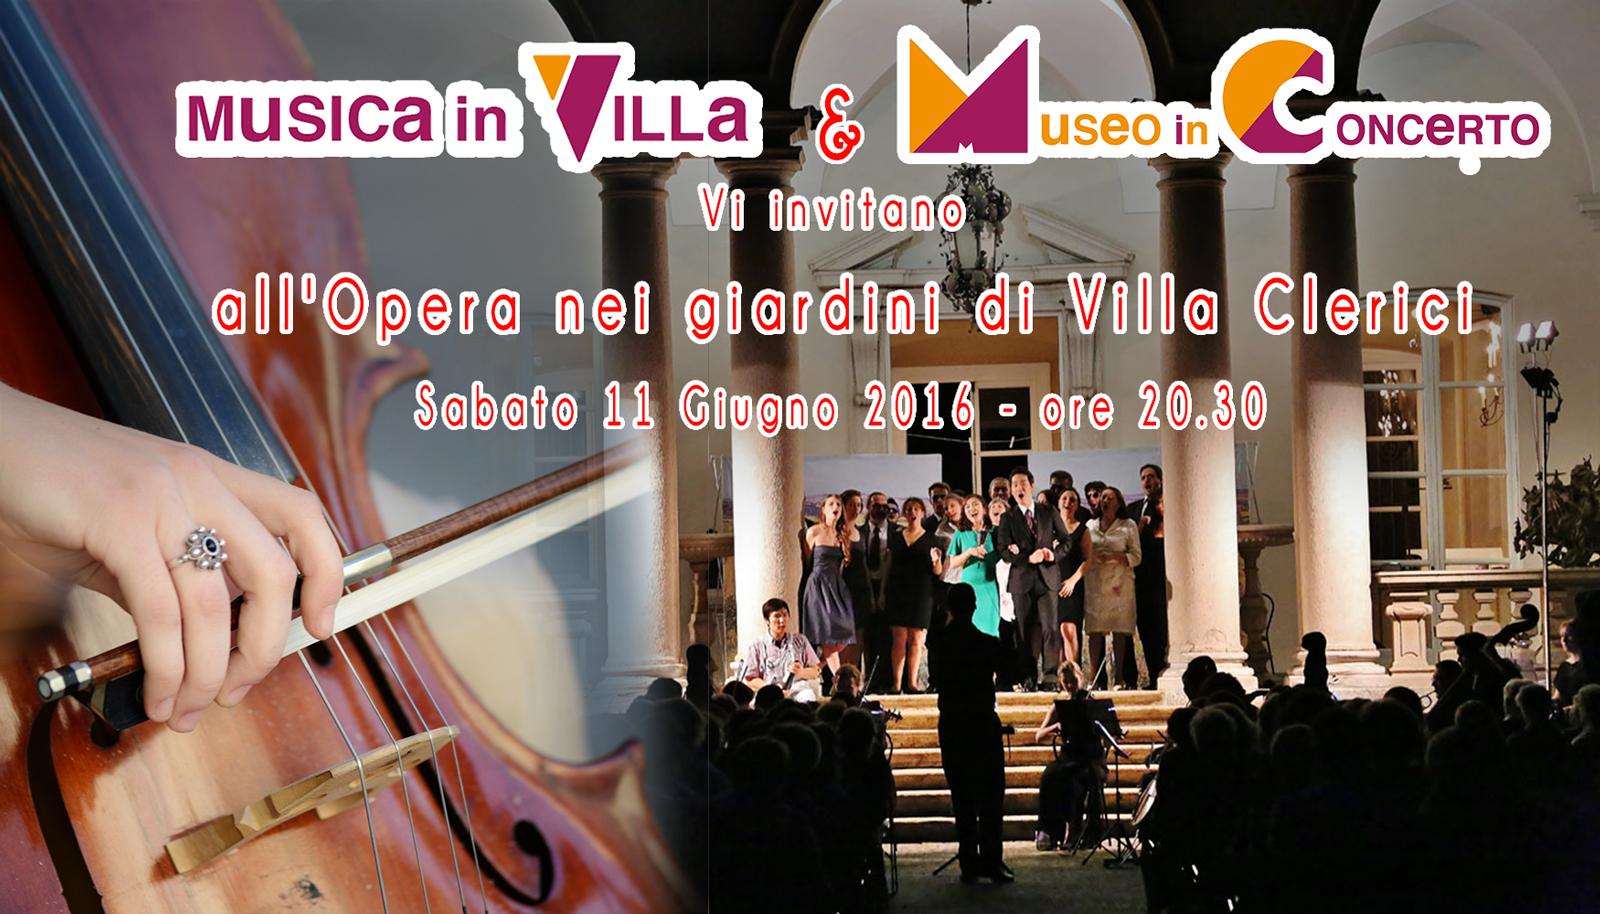 VillaClericiMusica